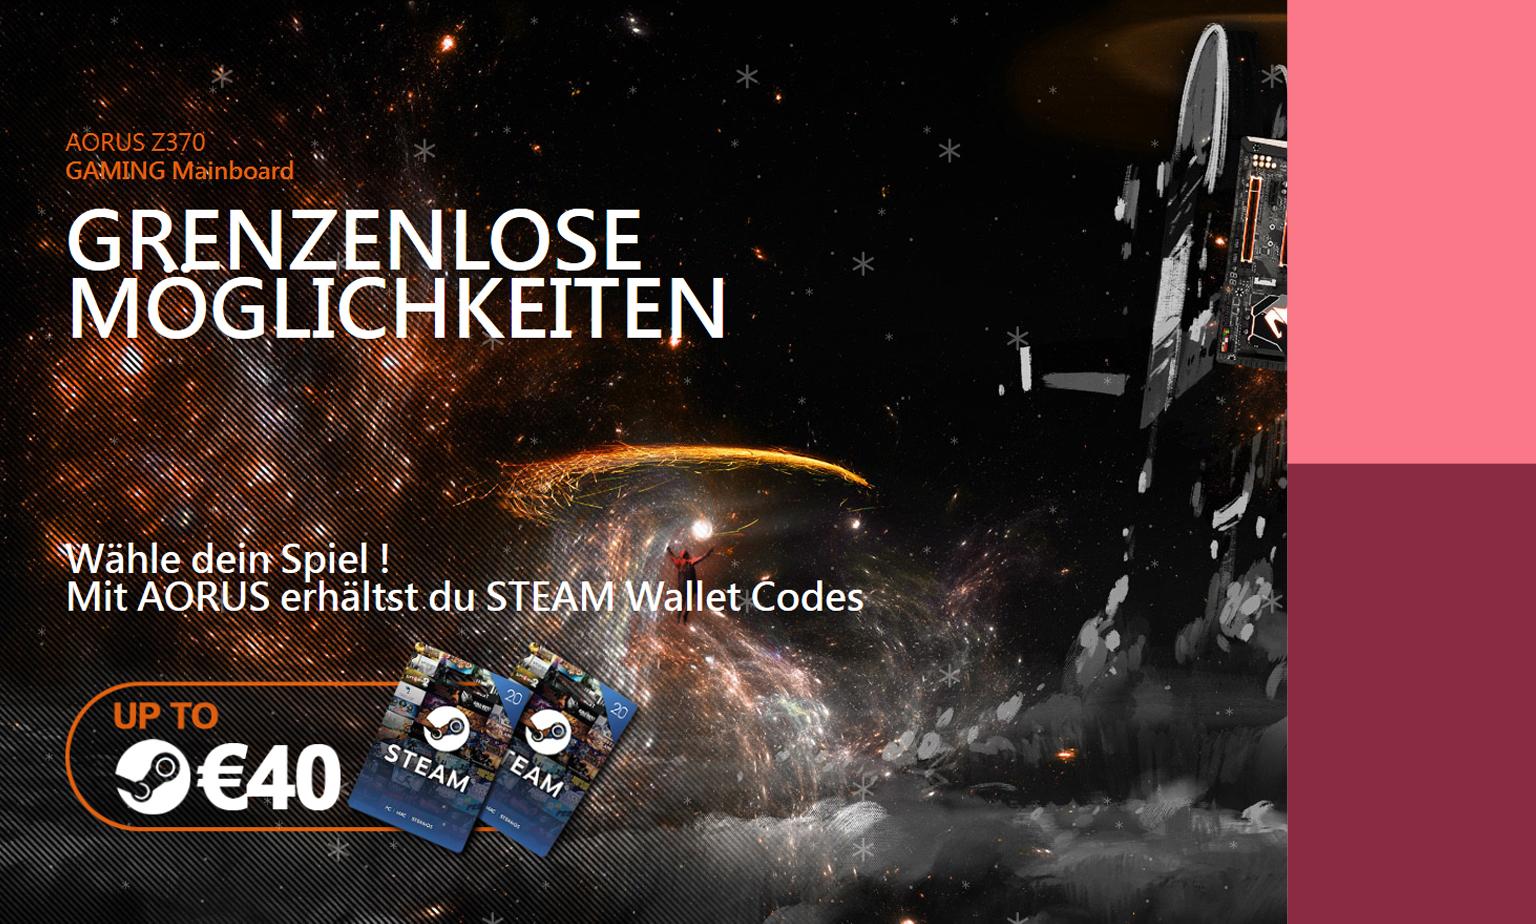 40€ STEAM Code sichern!